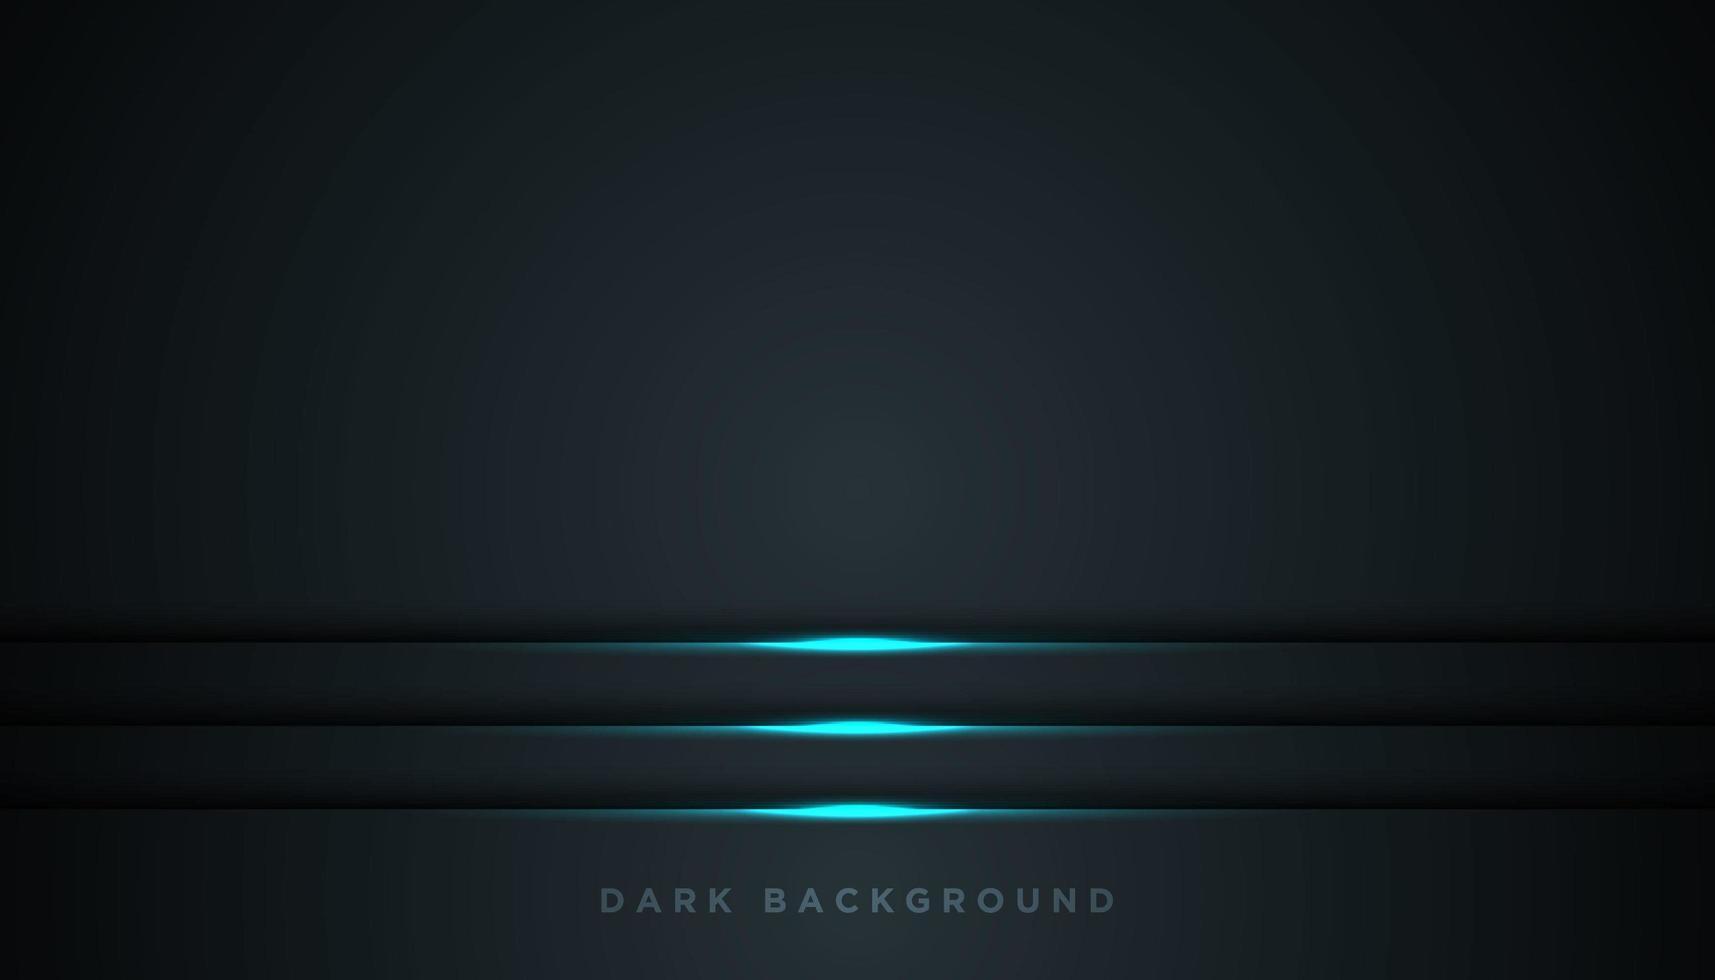 svart bakgrund med lysande blå linjer över botten vektor